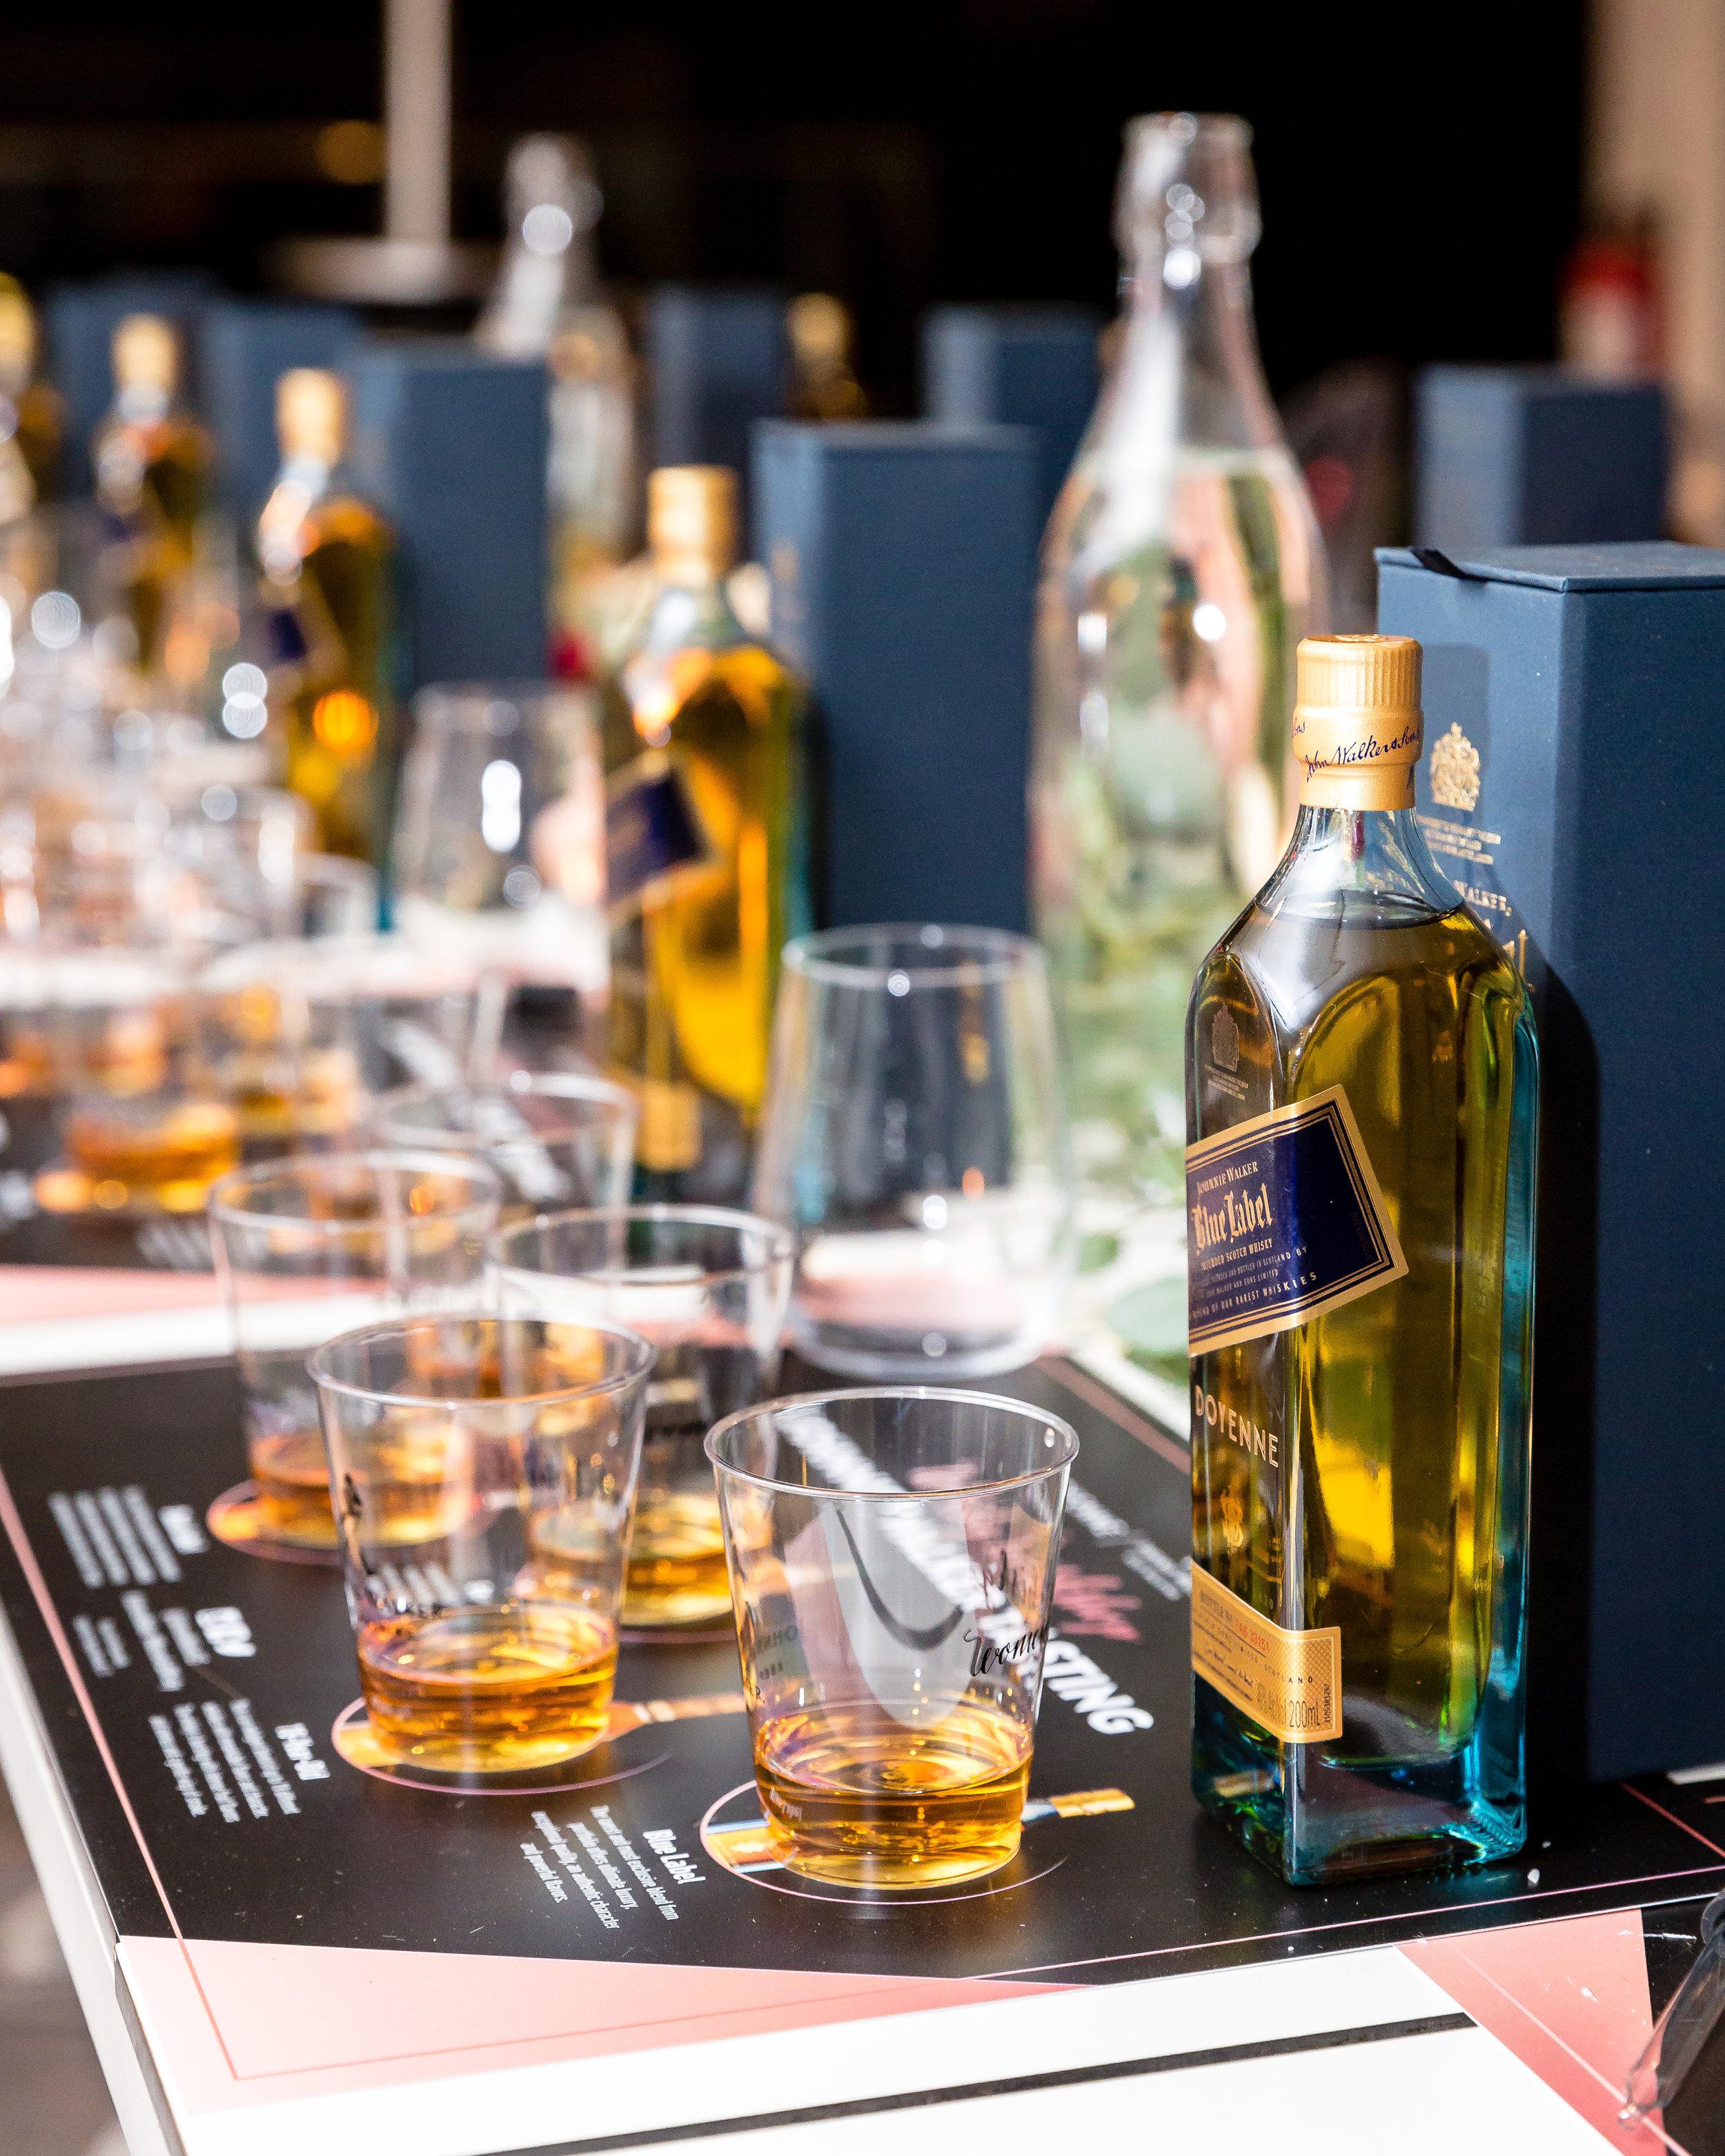 171205 doyenne whisky studio - 041.jpg